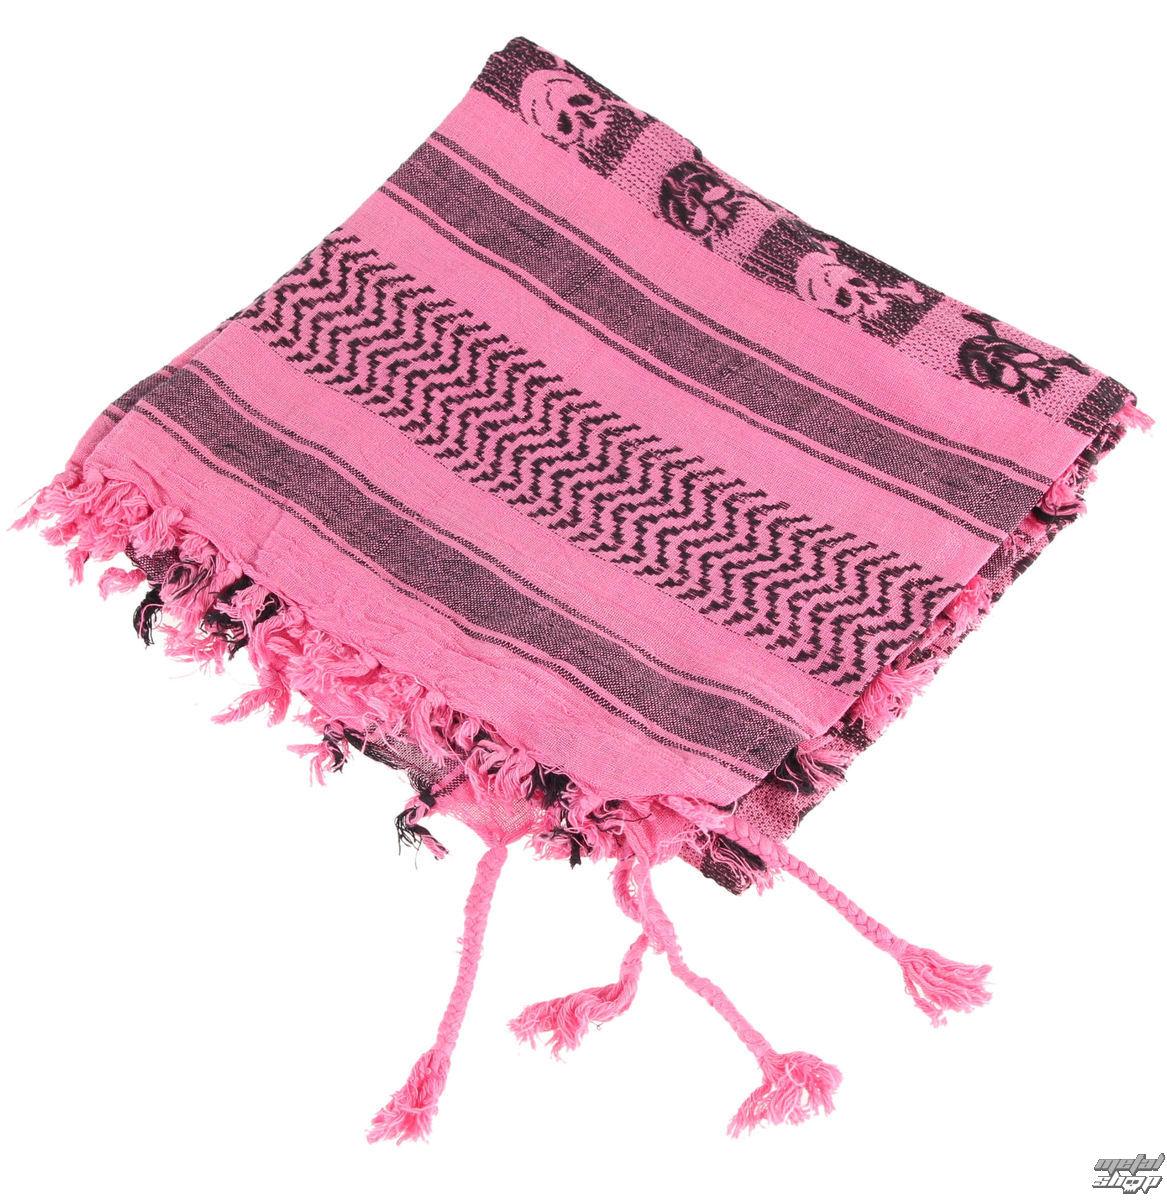 šátek ARAFAT - palestina - lebka 29 - růžová - metalshop.cz 38524e1bf4